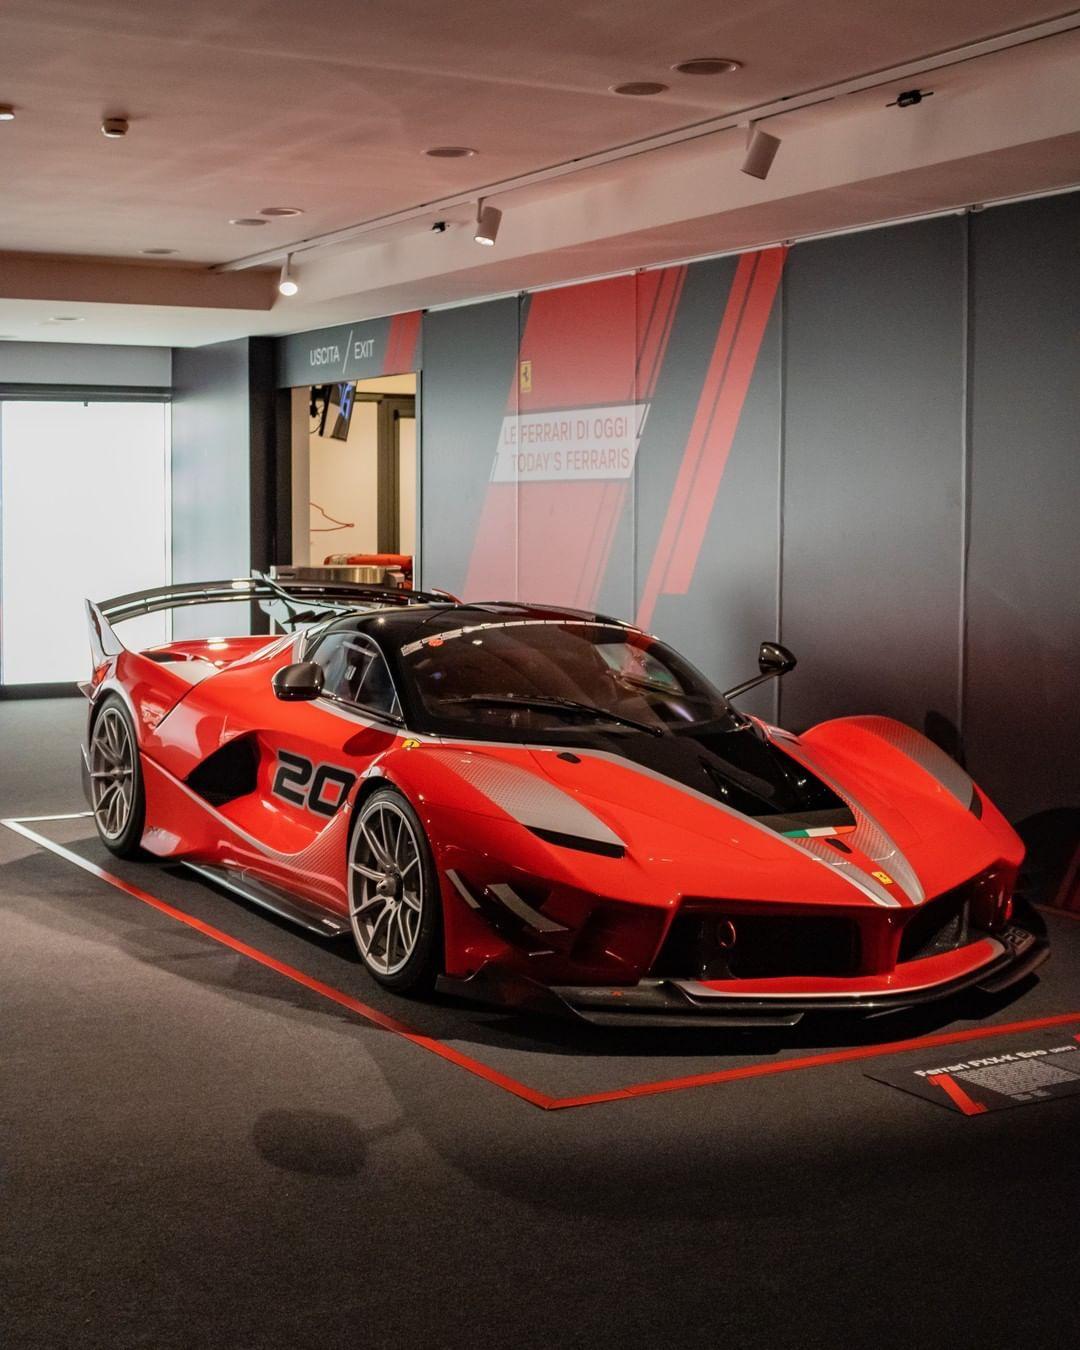 Ferrari Fxx K Evo In 2020 Ferrari Fxxk Ferrari Fxx Ferrari